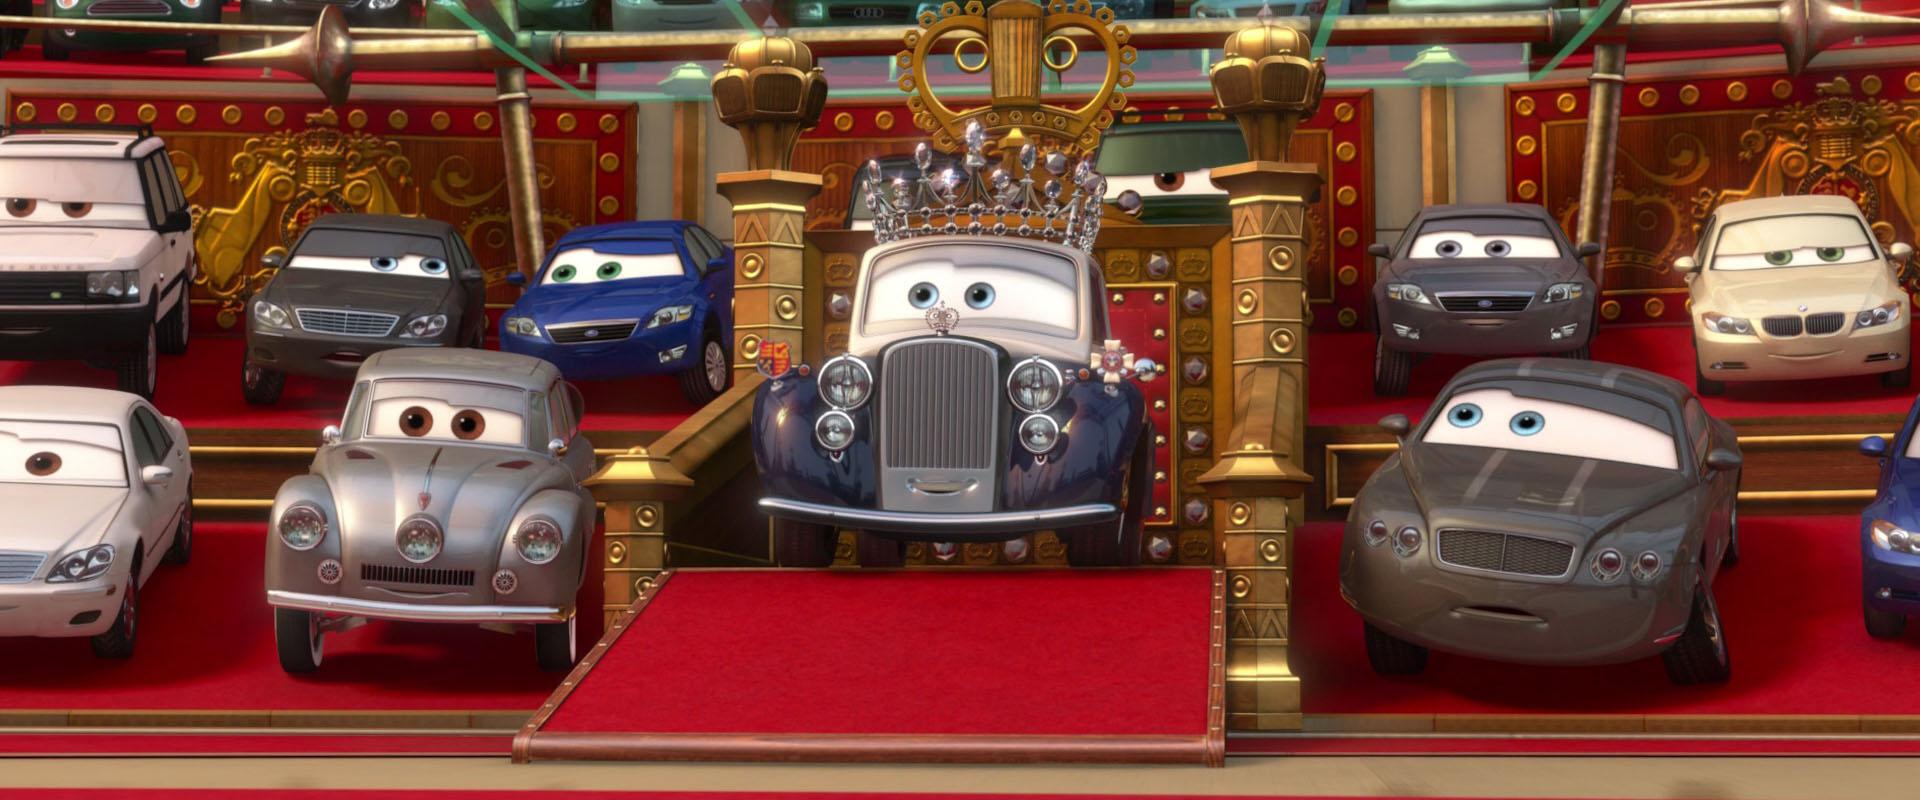 la reine personnage dans cars 2 pixar planet fr. Black Bedroom Furniture Sets. Home Design Ideas